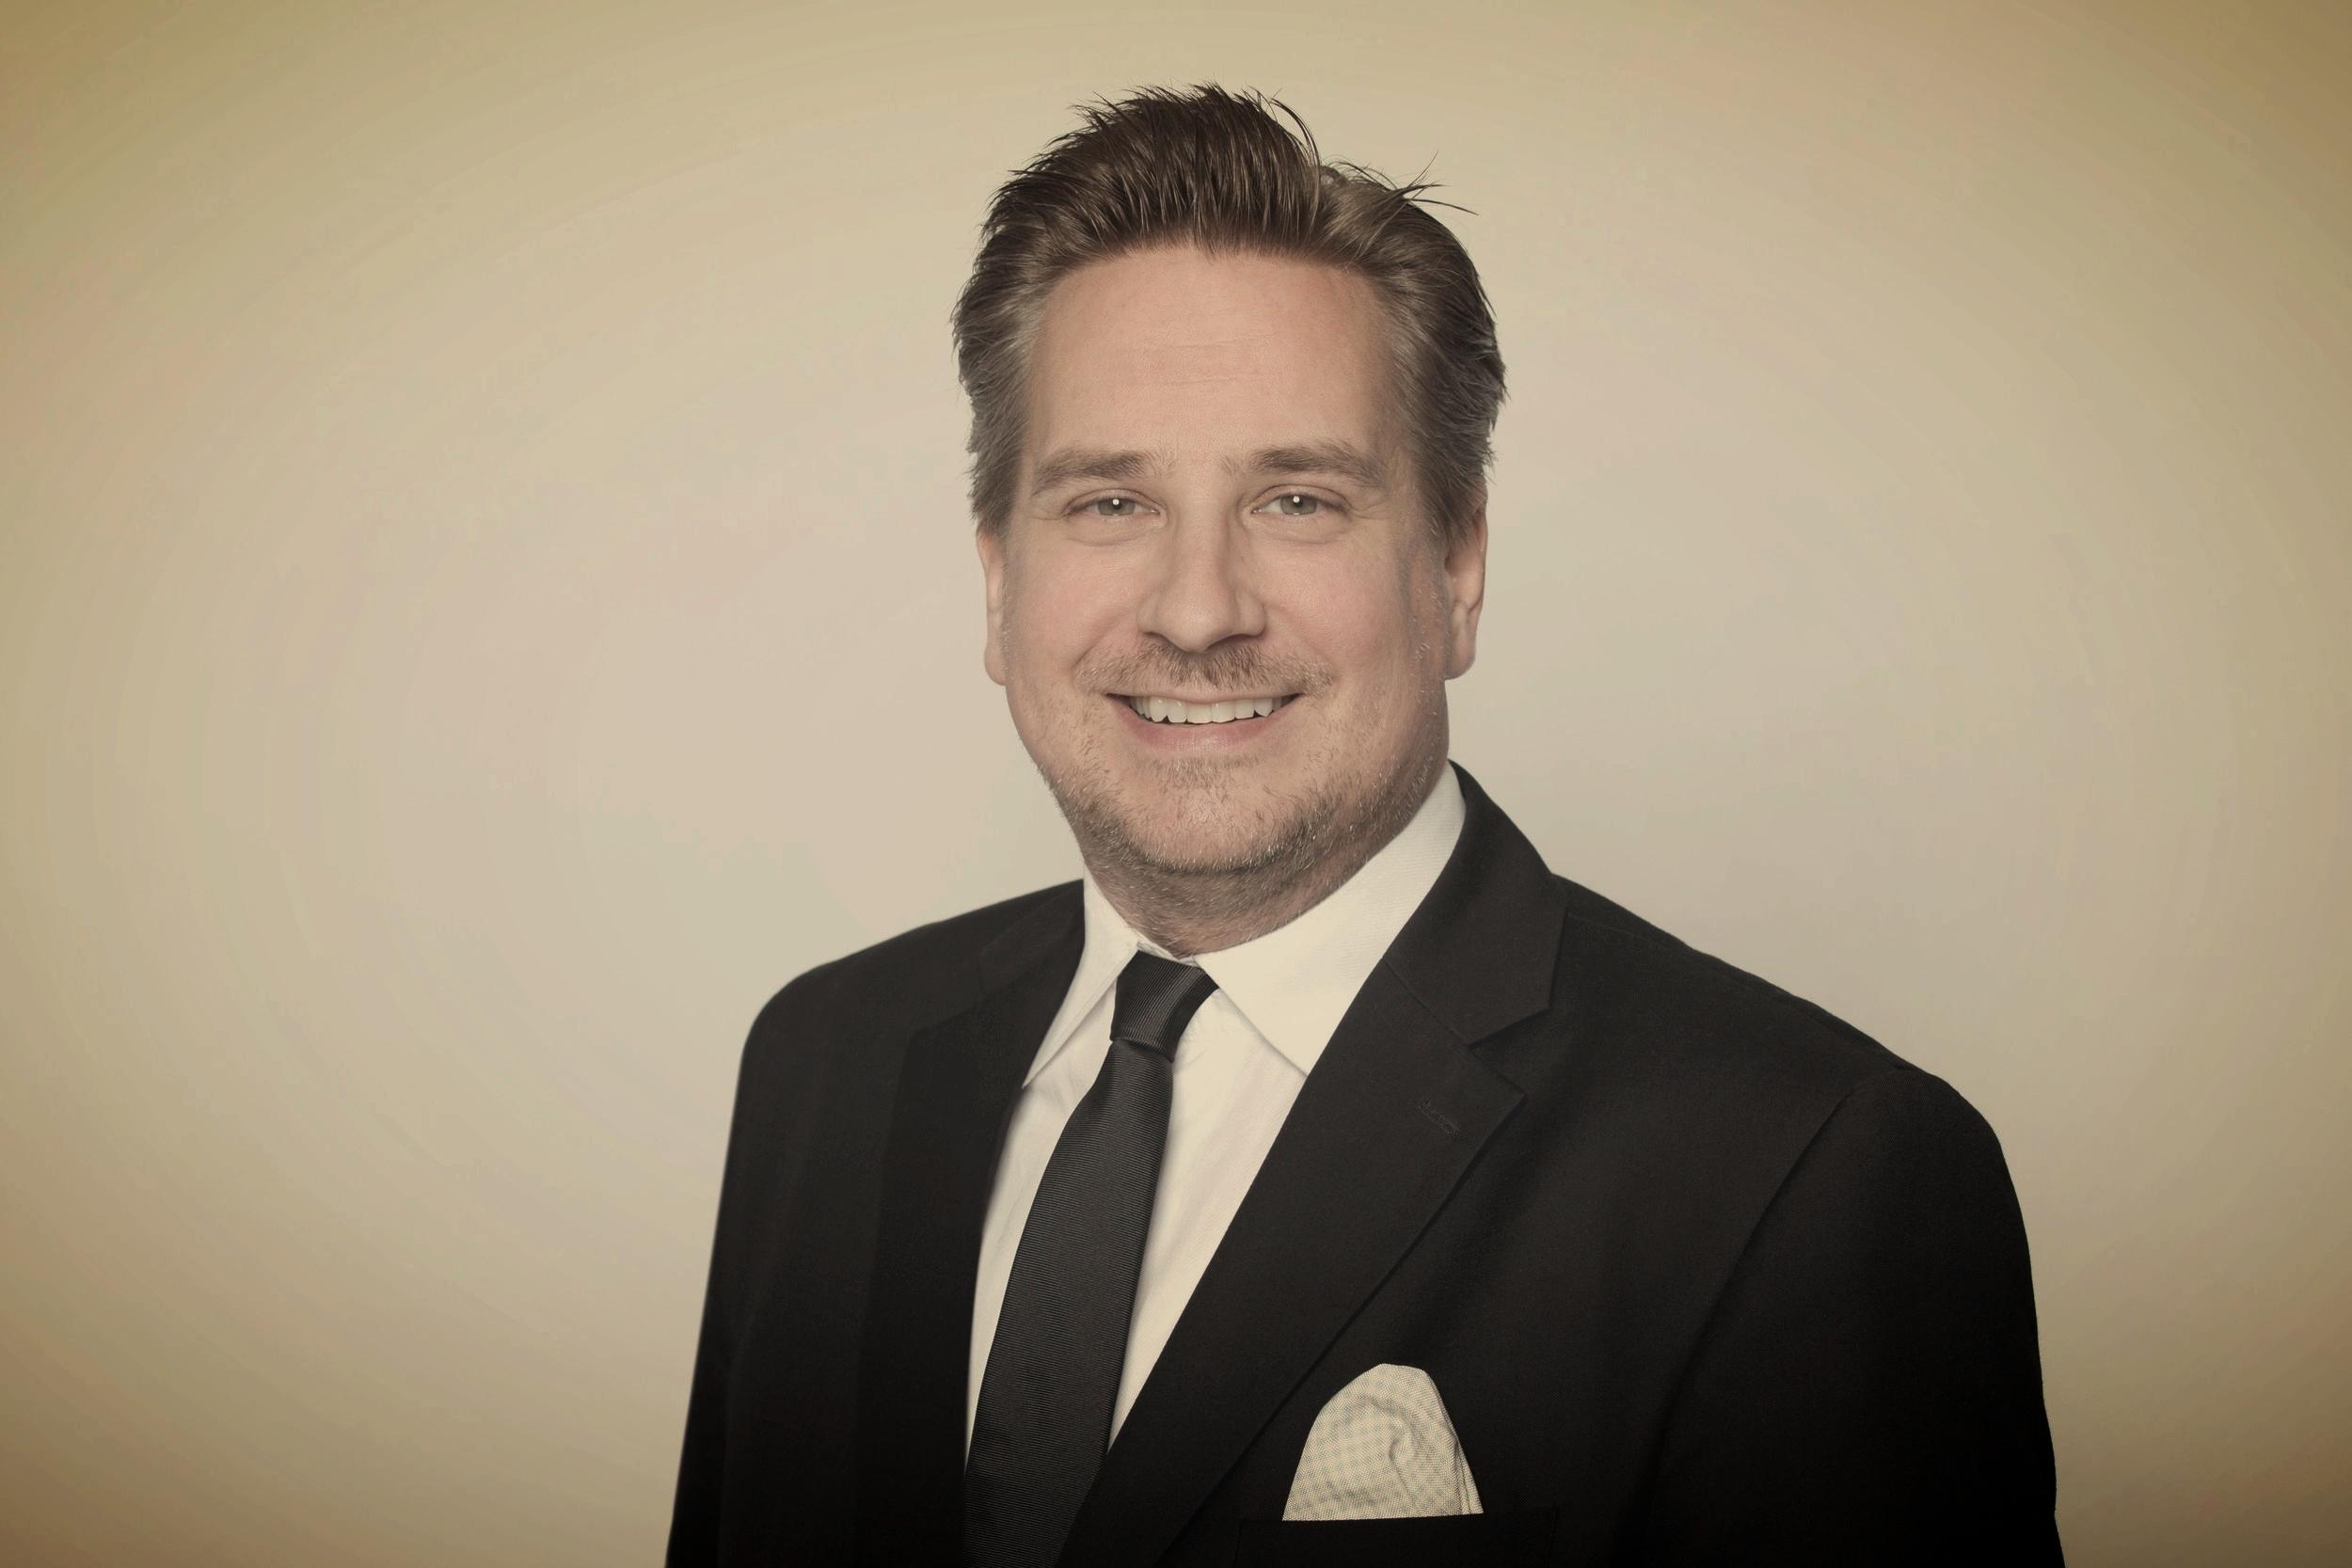 Dr. iur.Christian R. Rossmann - PartnerSwiss Tax & Immigration LawyerDr. iur., M.C.L., LL.M.Eur., EMBA, AdvPgDipBA